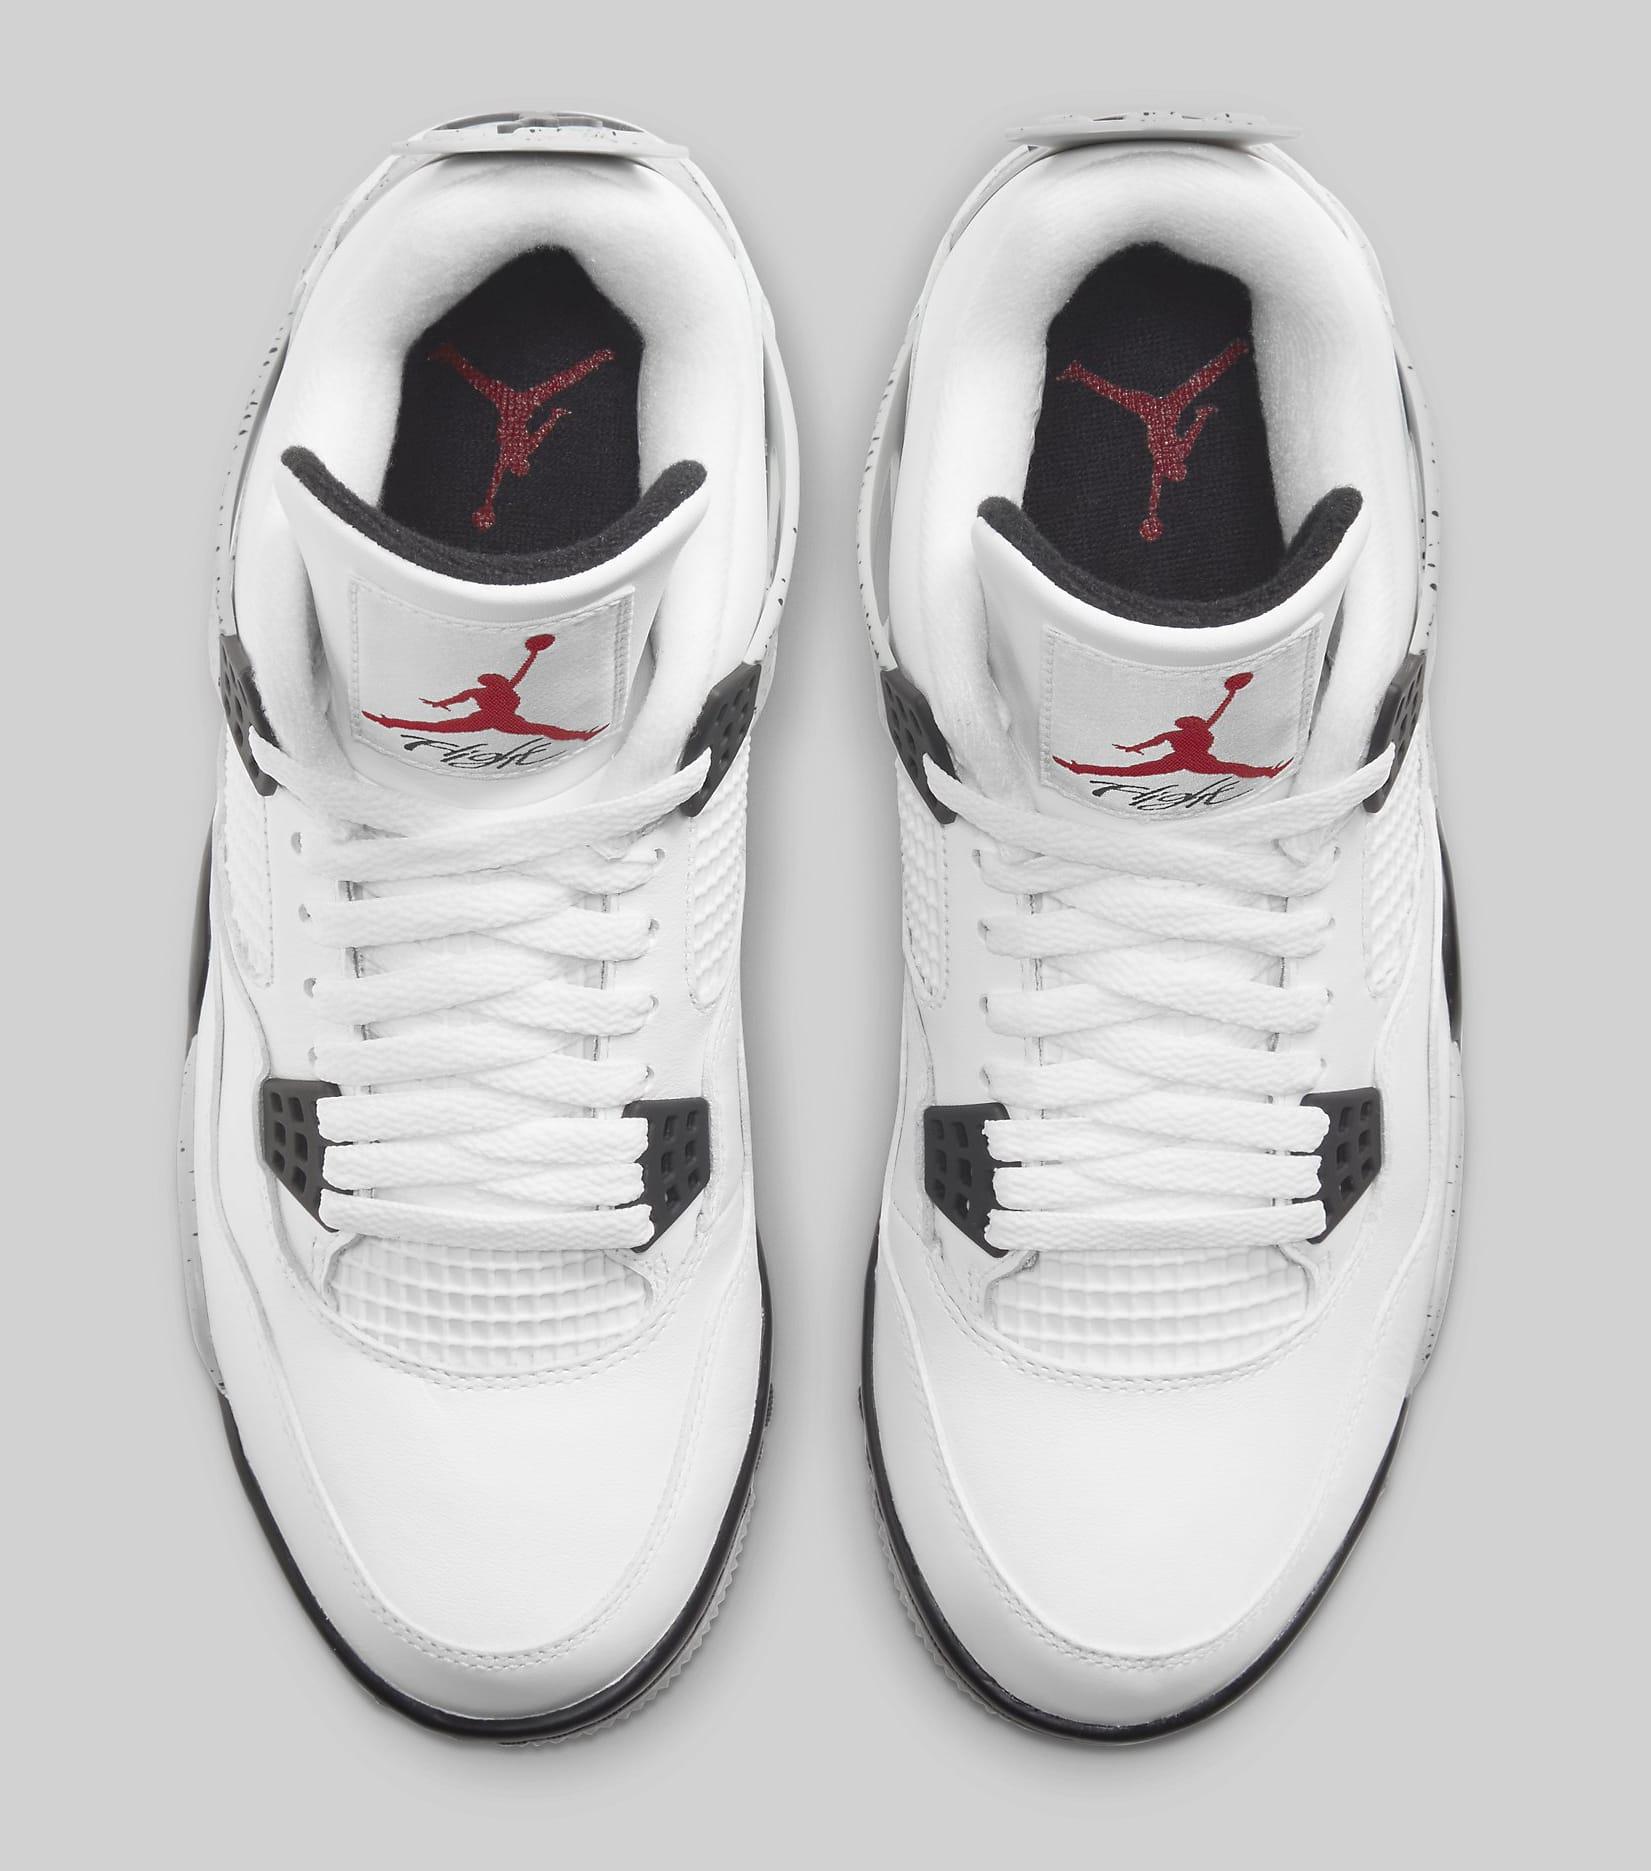 Air Jordan 4 Golf 'White Cement' CU9981-100 Top